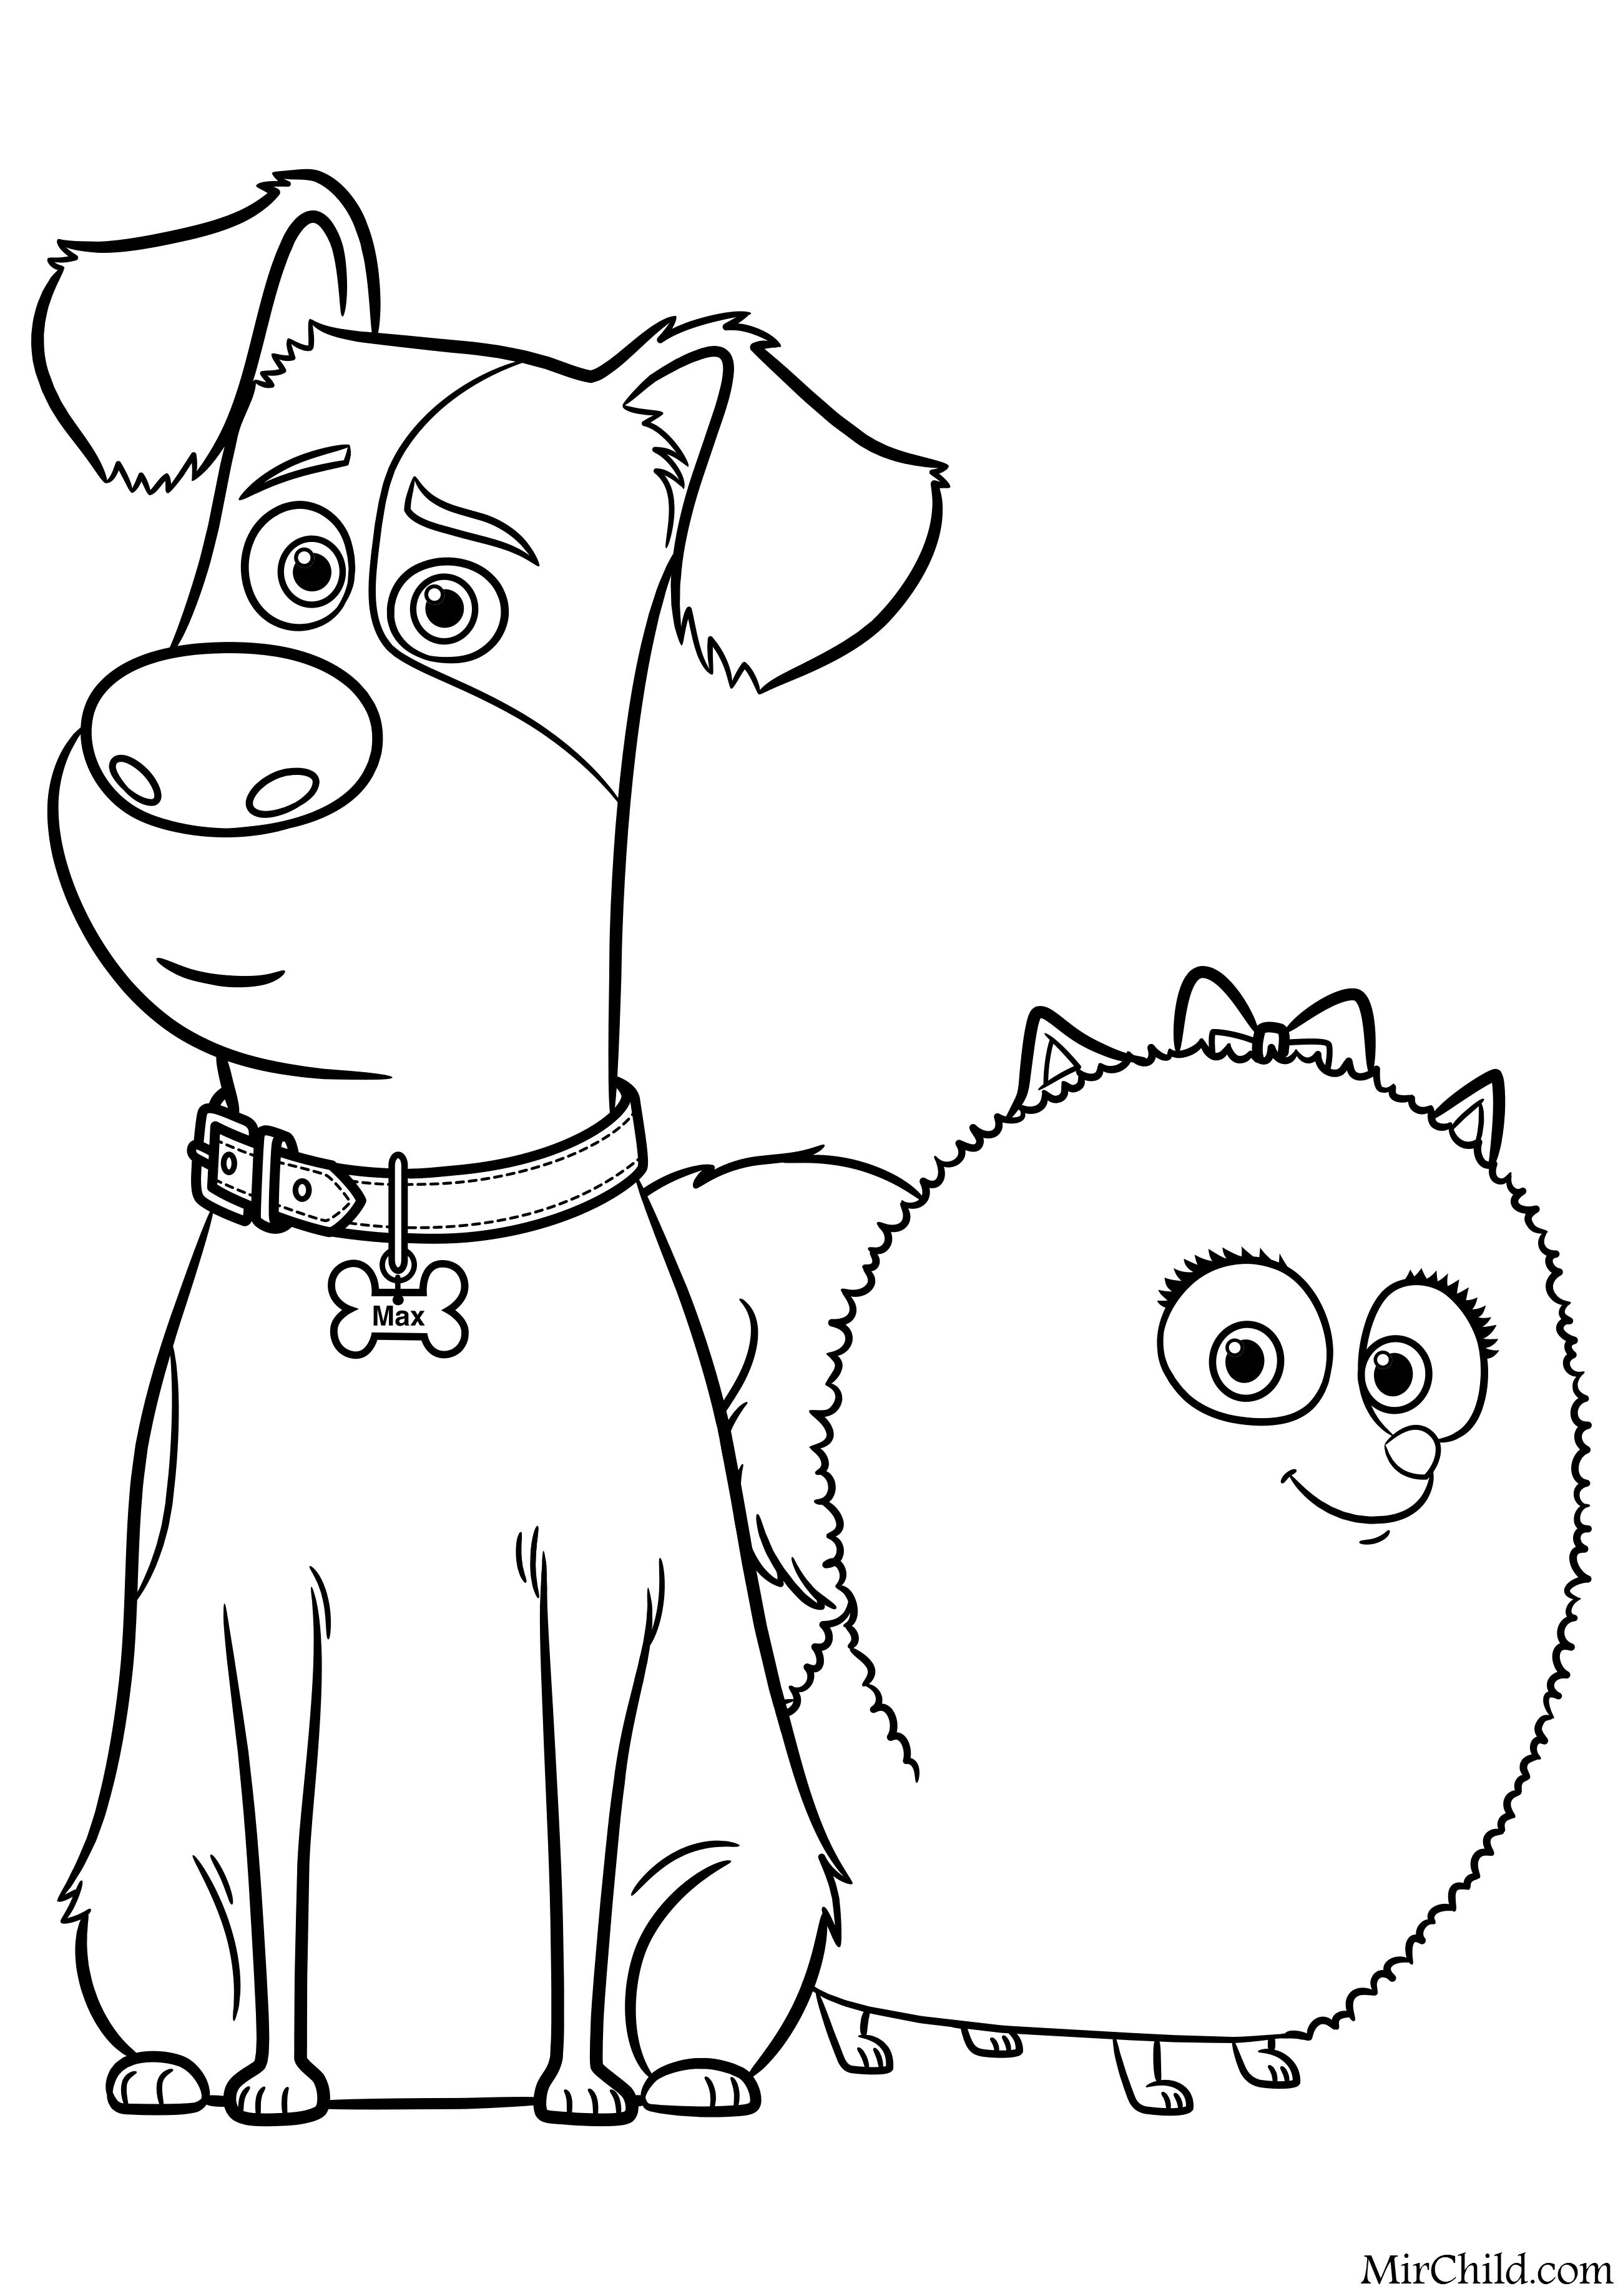 Раскраска - Тайная жизнь домашних животных - Макс и Гиджет ...